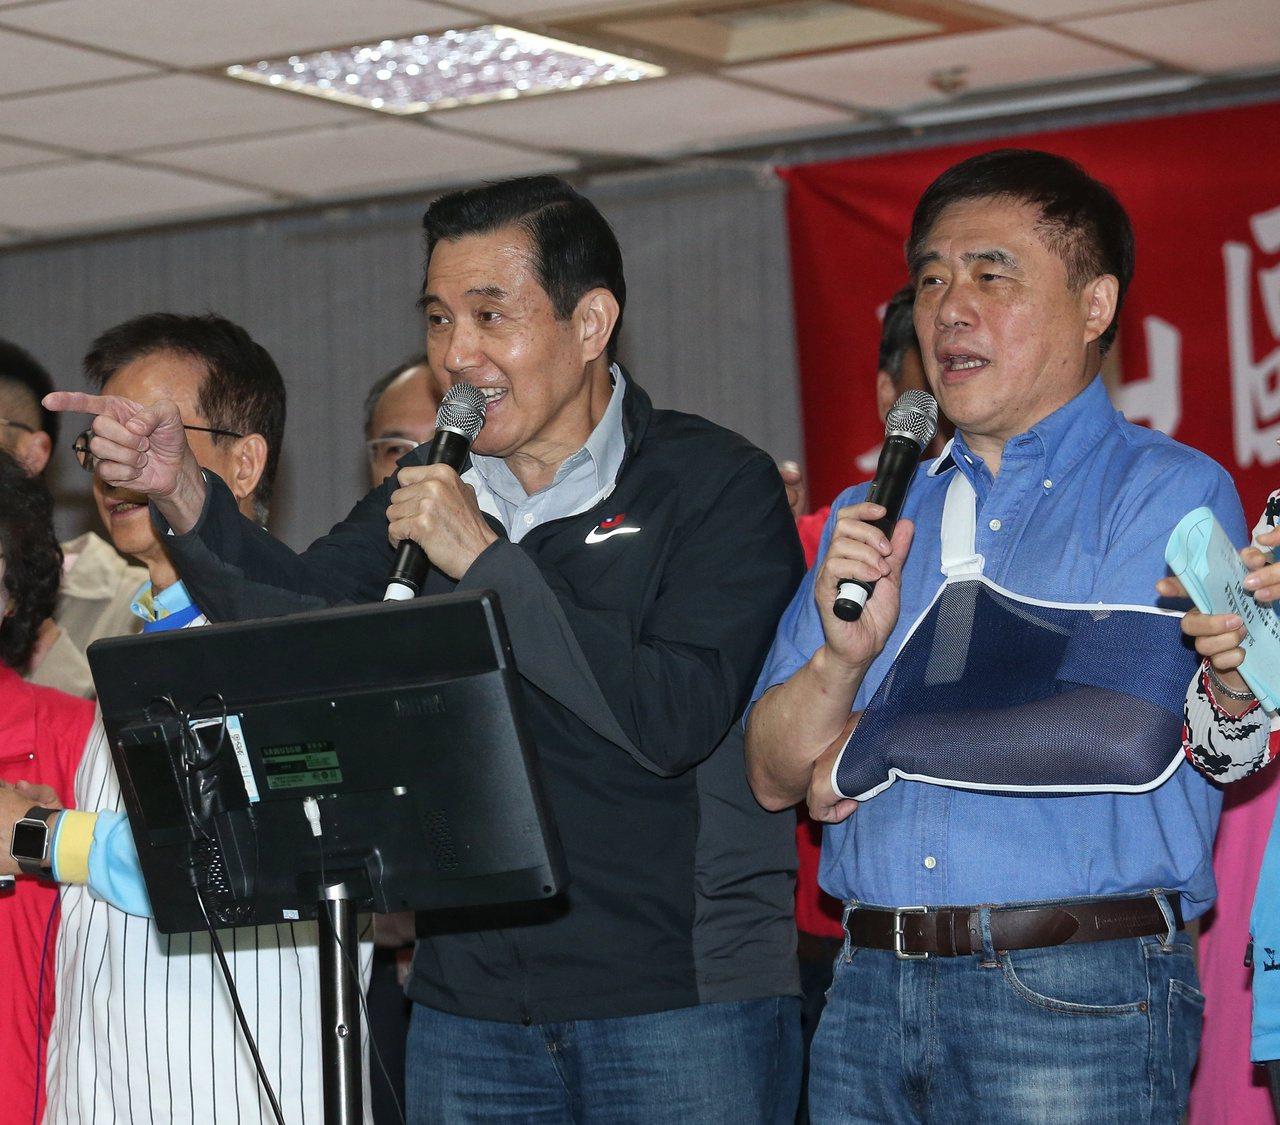 郝龍斌感受特別深刻,他平常鮮少開口唱歌,就是因為體罰影響。 記者鄭清元/攝影